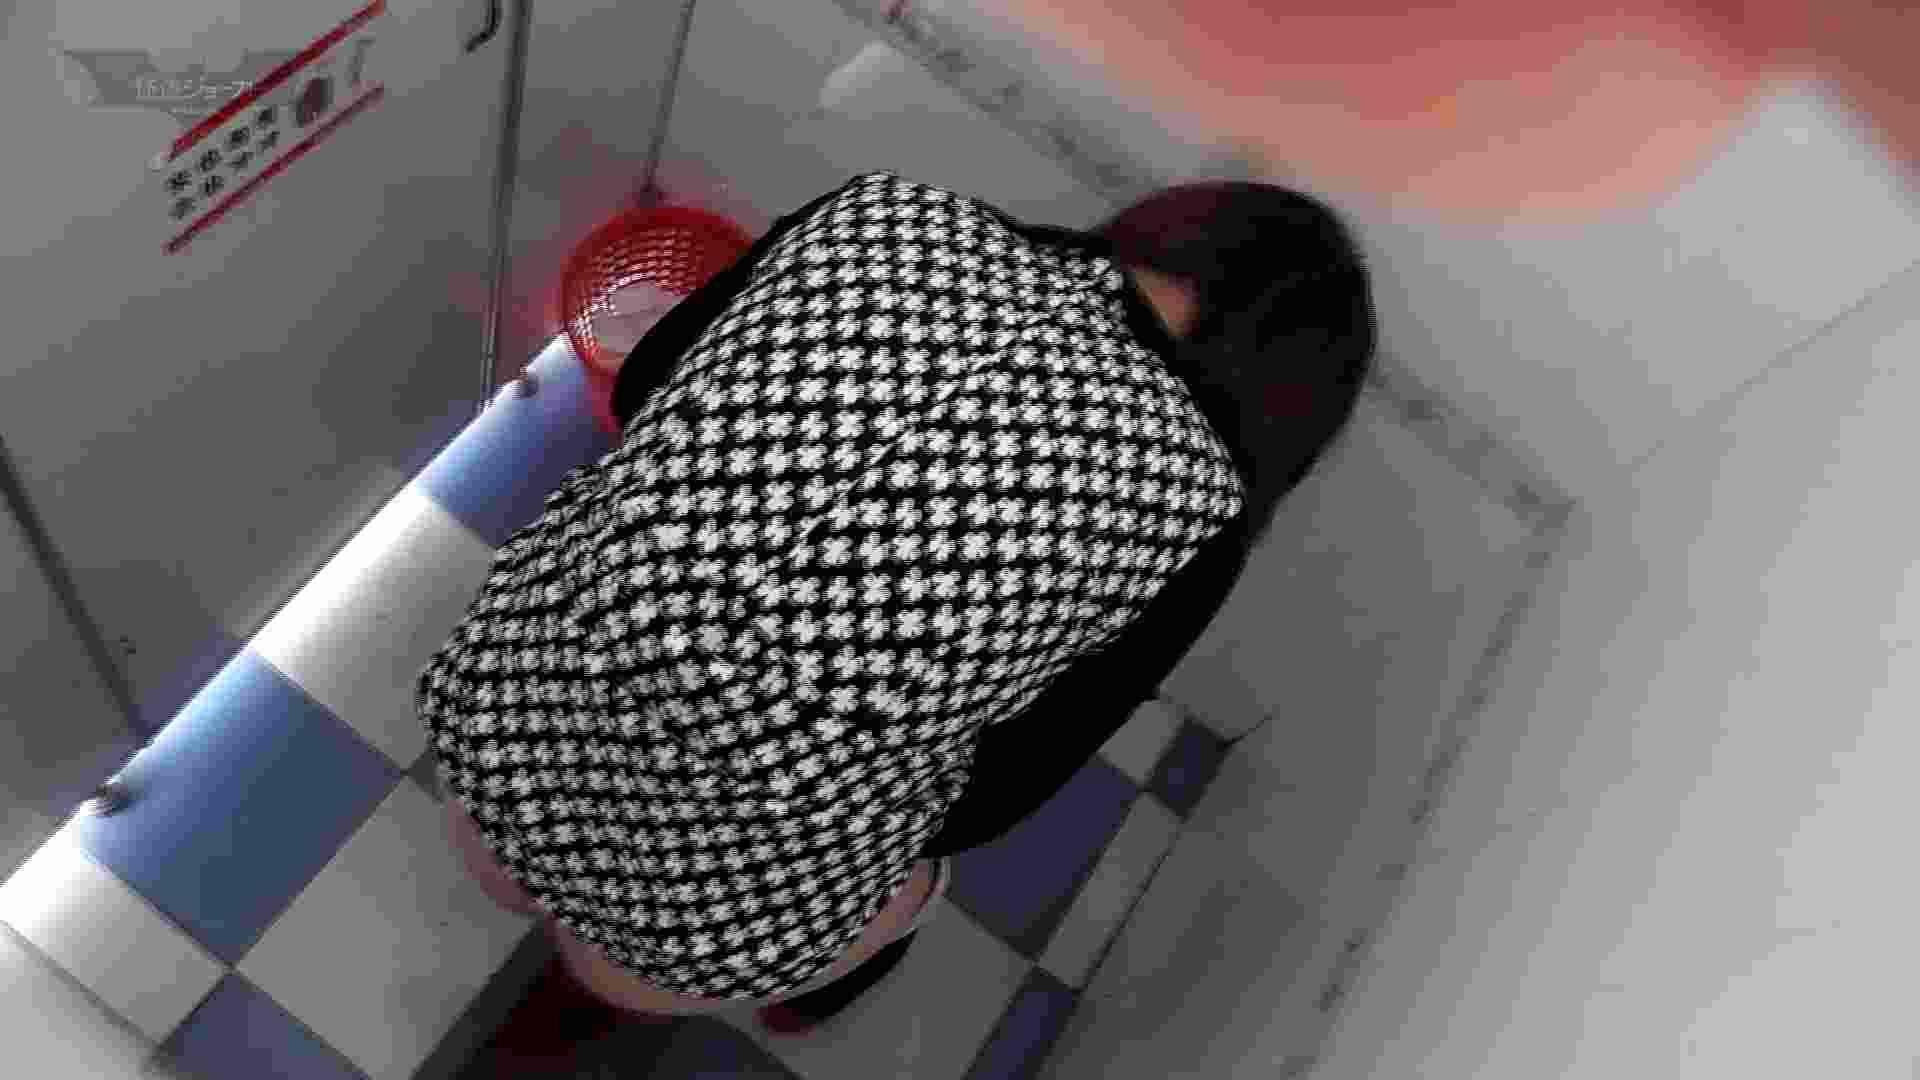 下からノゾム vol.030 びしょびしょの連続、お尻半分濡れるほど、 高画質 | 洗面所  84画像 40